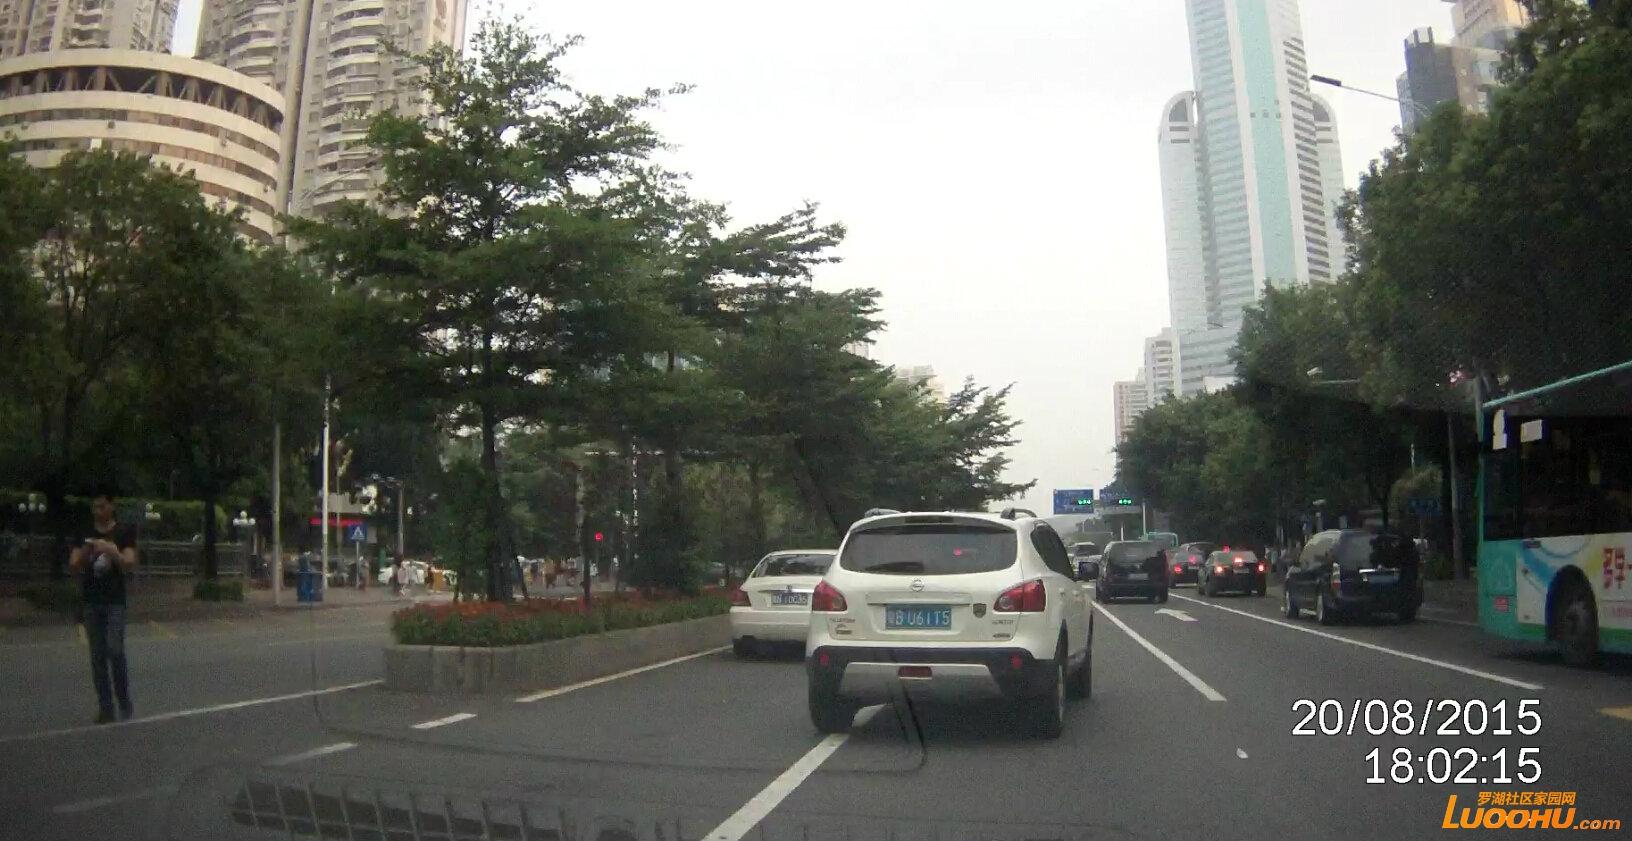 文锦路南行罗湖区委路段(粤bu61t5)跨实线03.jpg